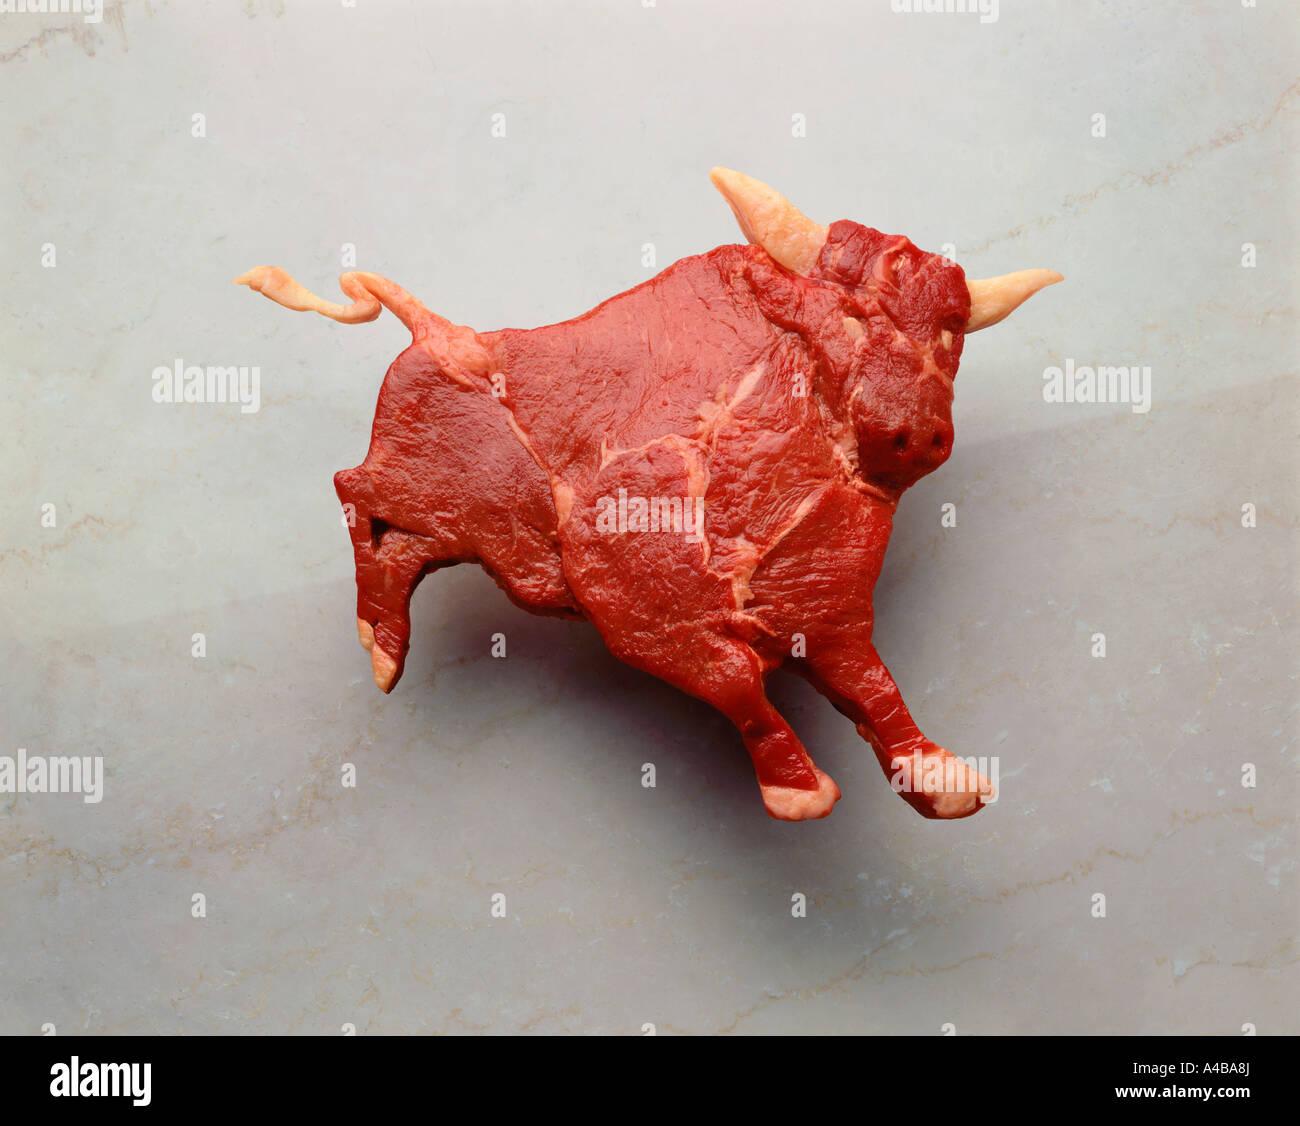 Rohes Fleisch geformt mochte einen Stier Stockbild